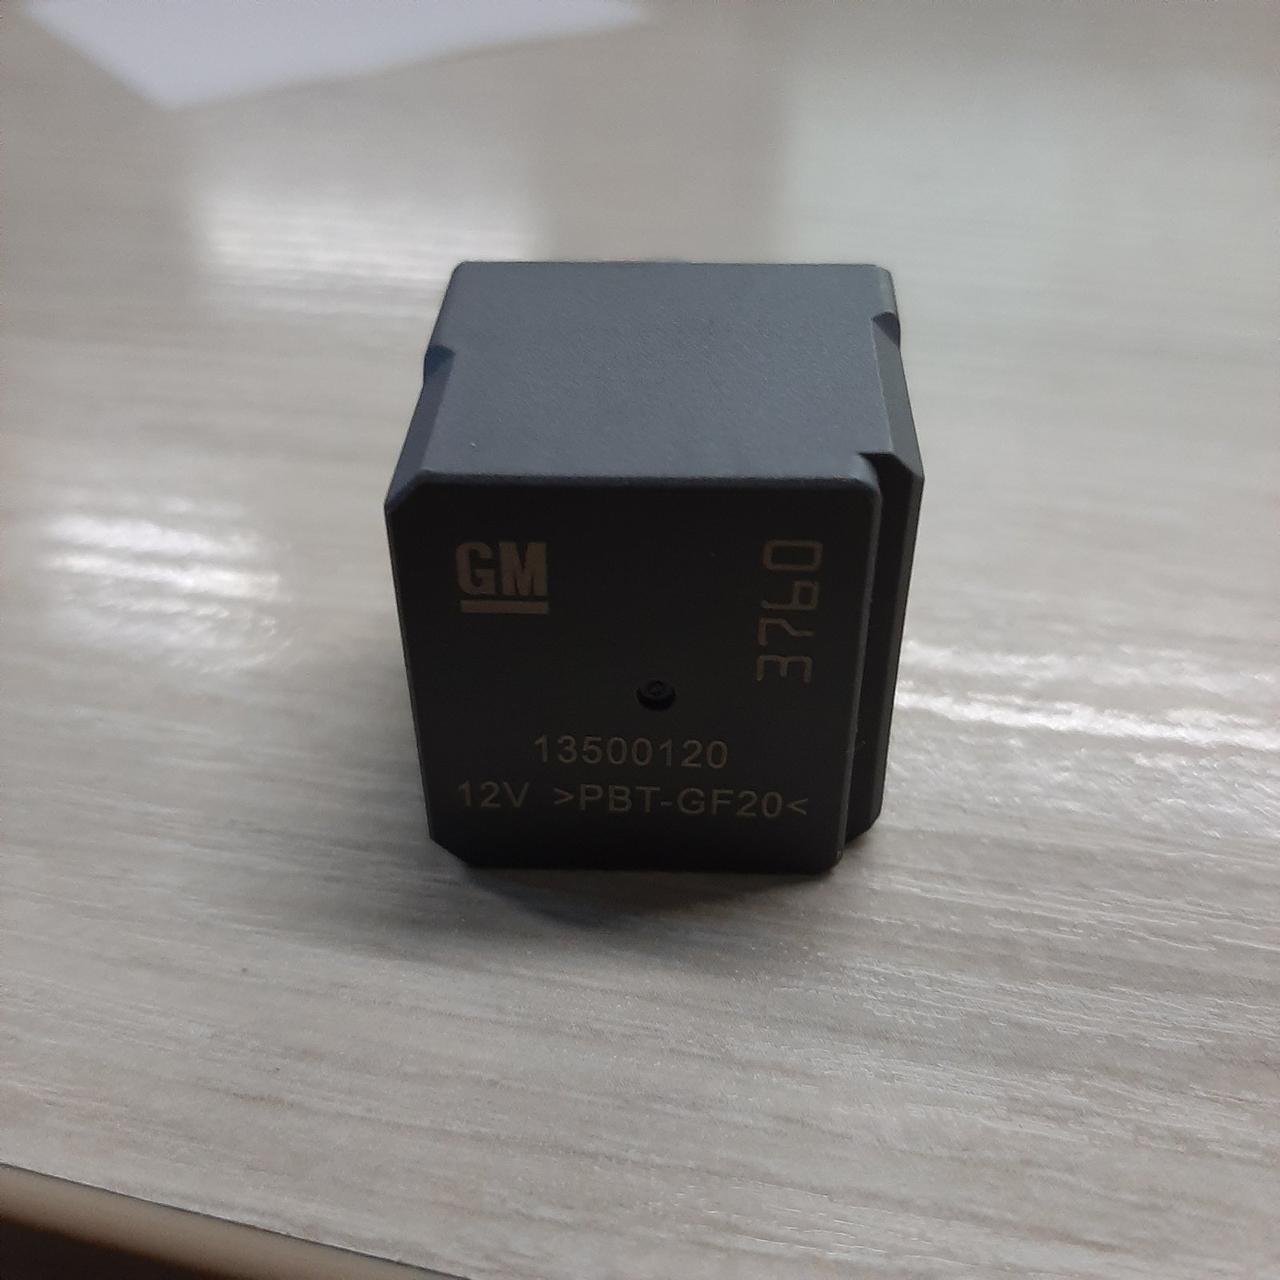 Реле 4-х контактное 70А GM 13500120